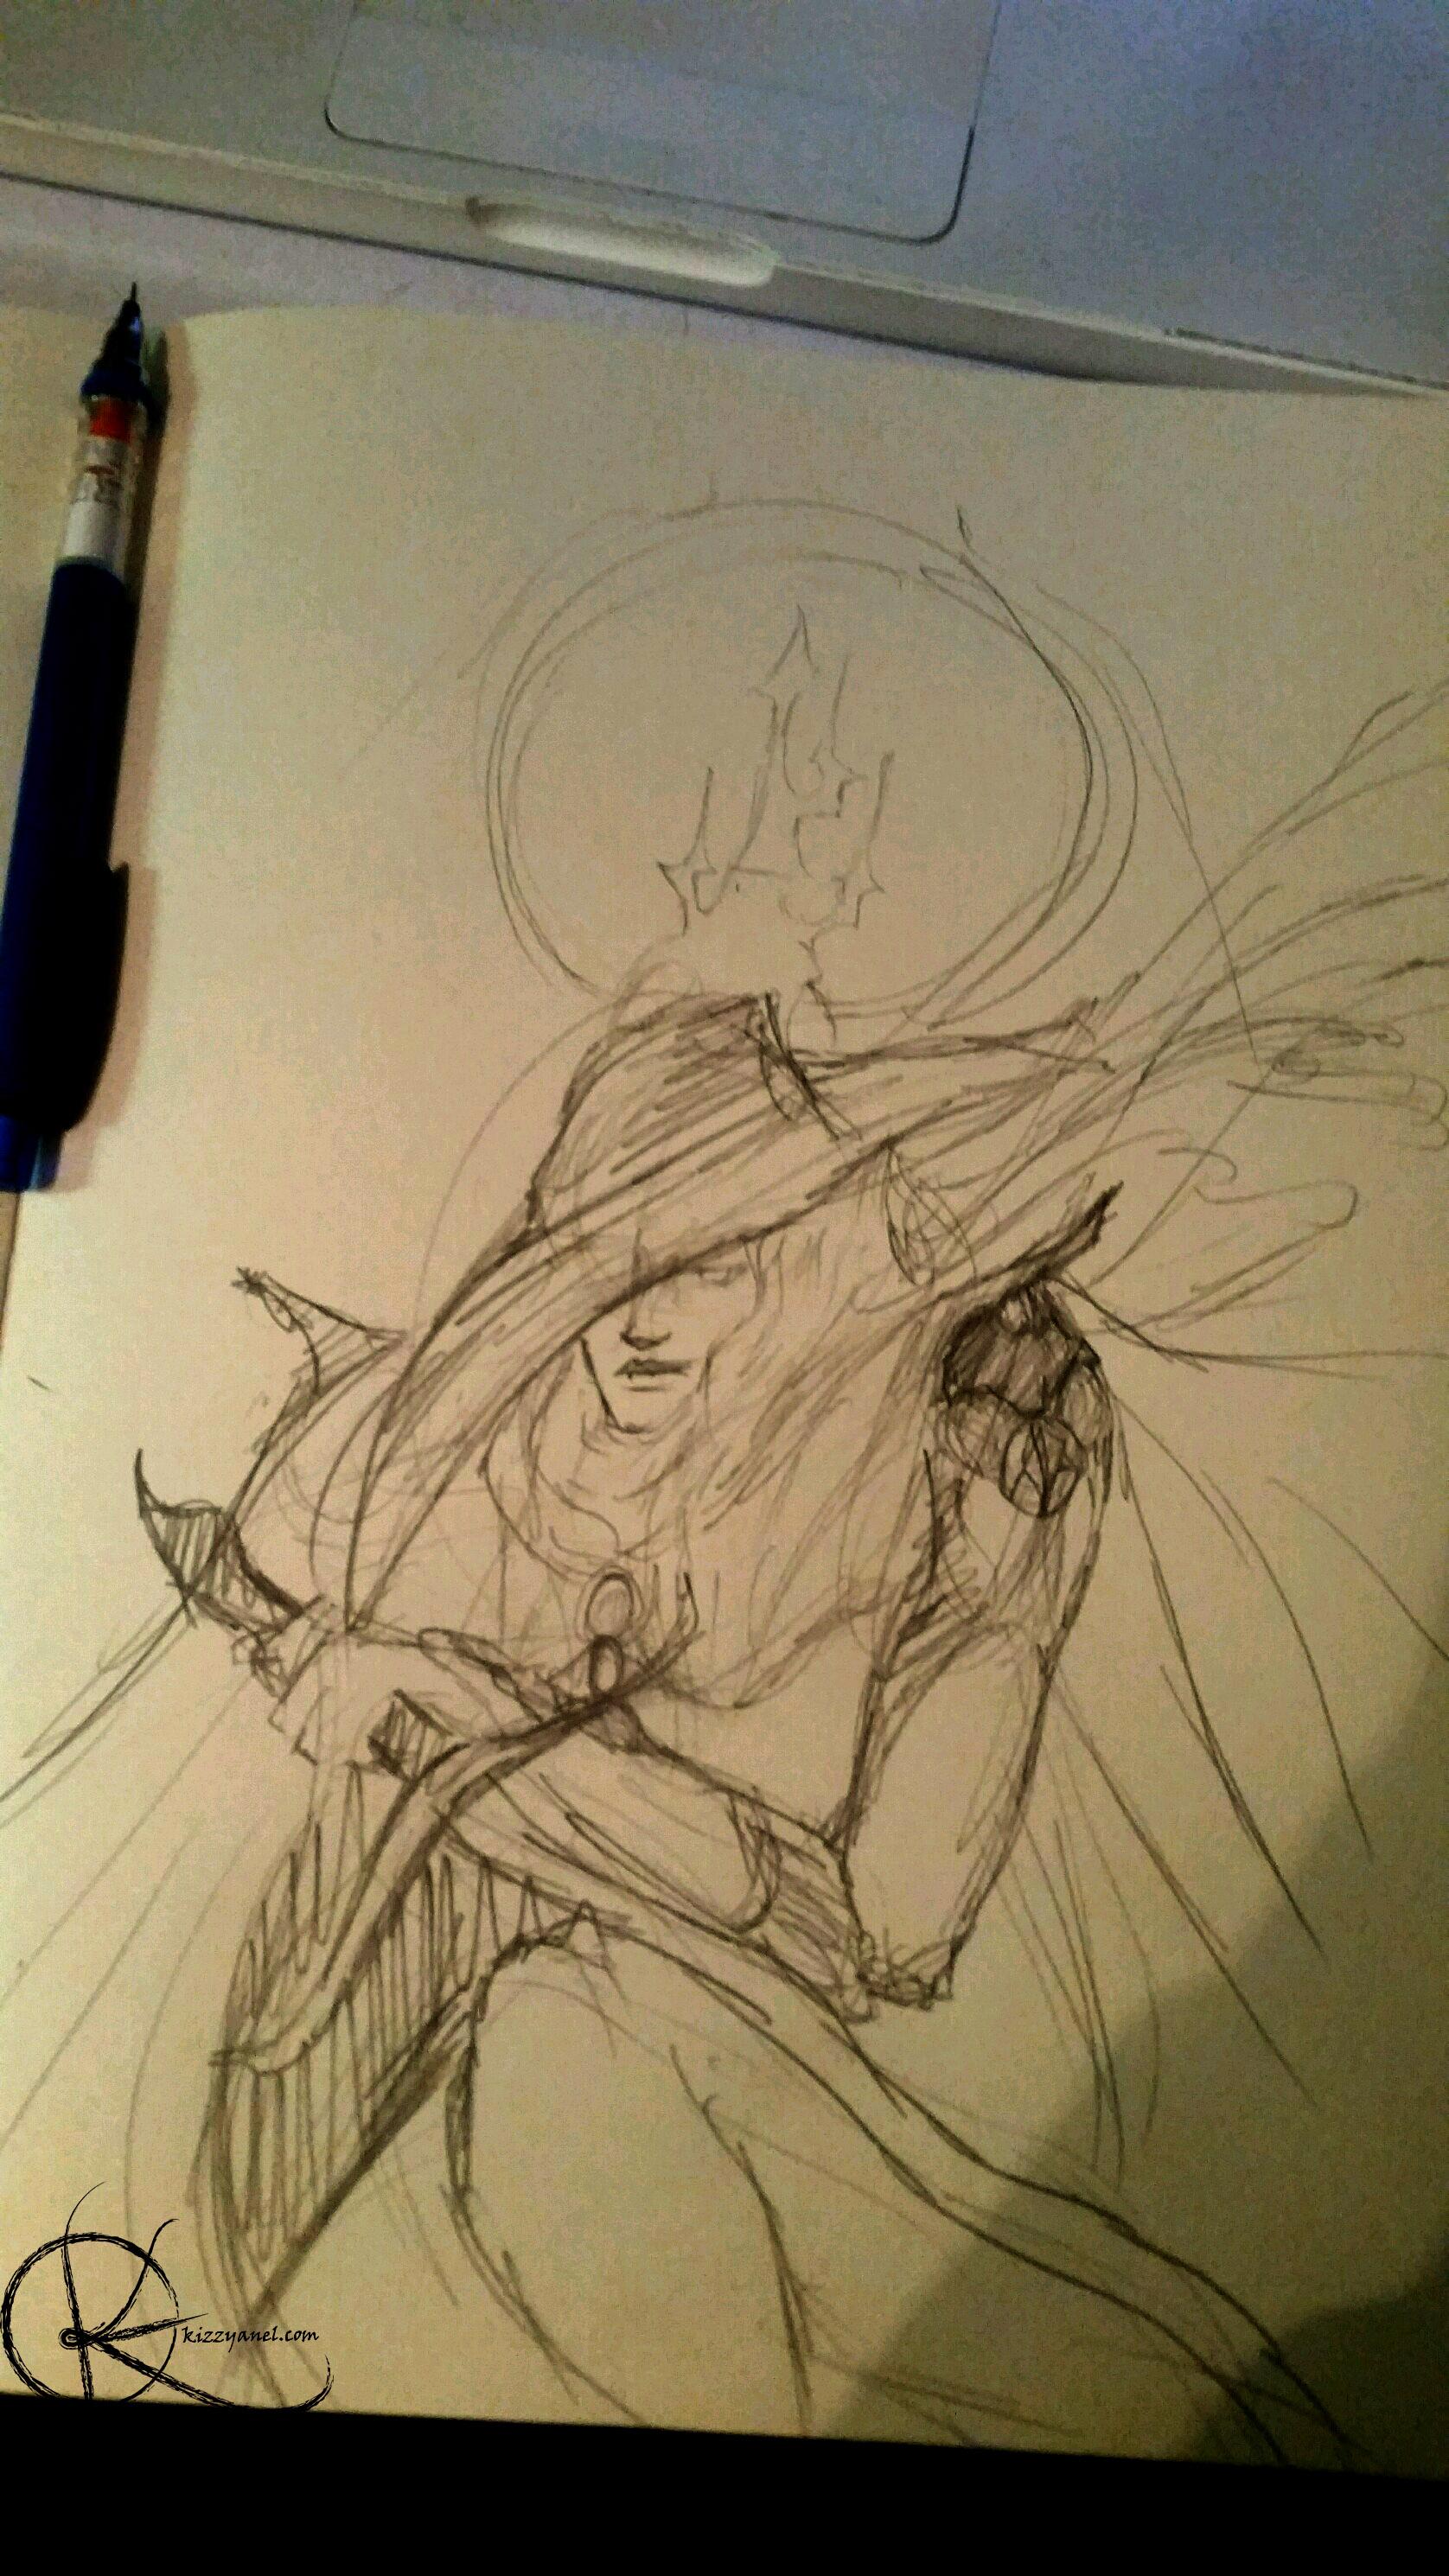 WIP Cape sketch